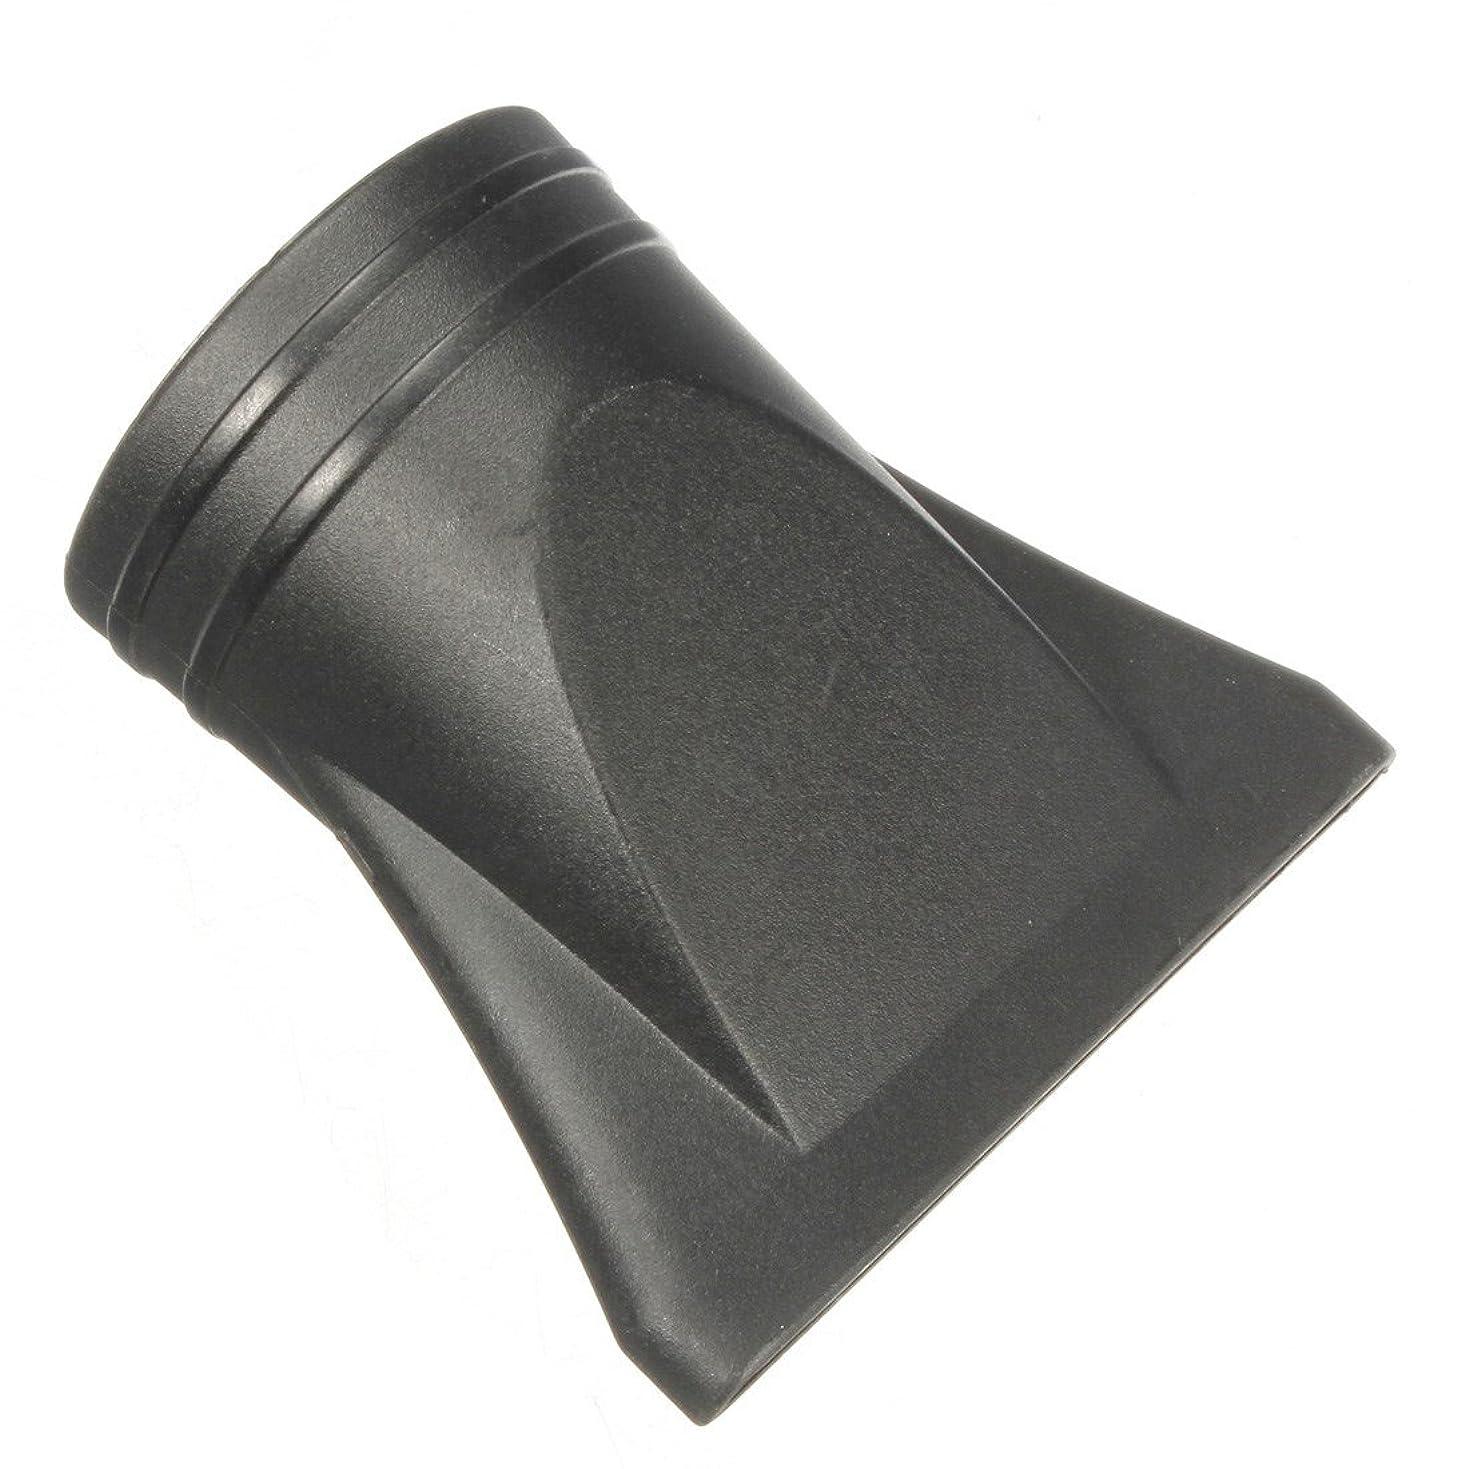 求人派生する気楽なJicorzo - 1PCSプラスチックサロン交換フェラフラットヘアドライヤー乾燥コンセントレータブラックノズルスタイリングツールのフードカバーワイド狭いサイズ[ワイド]